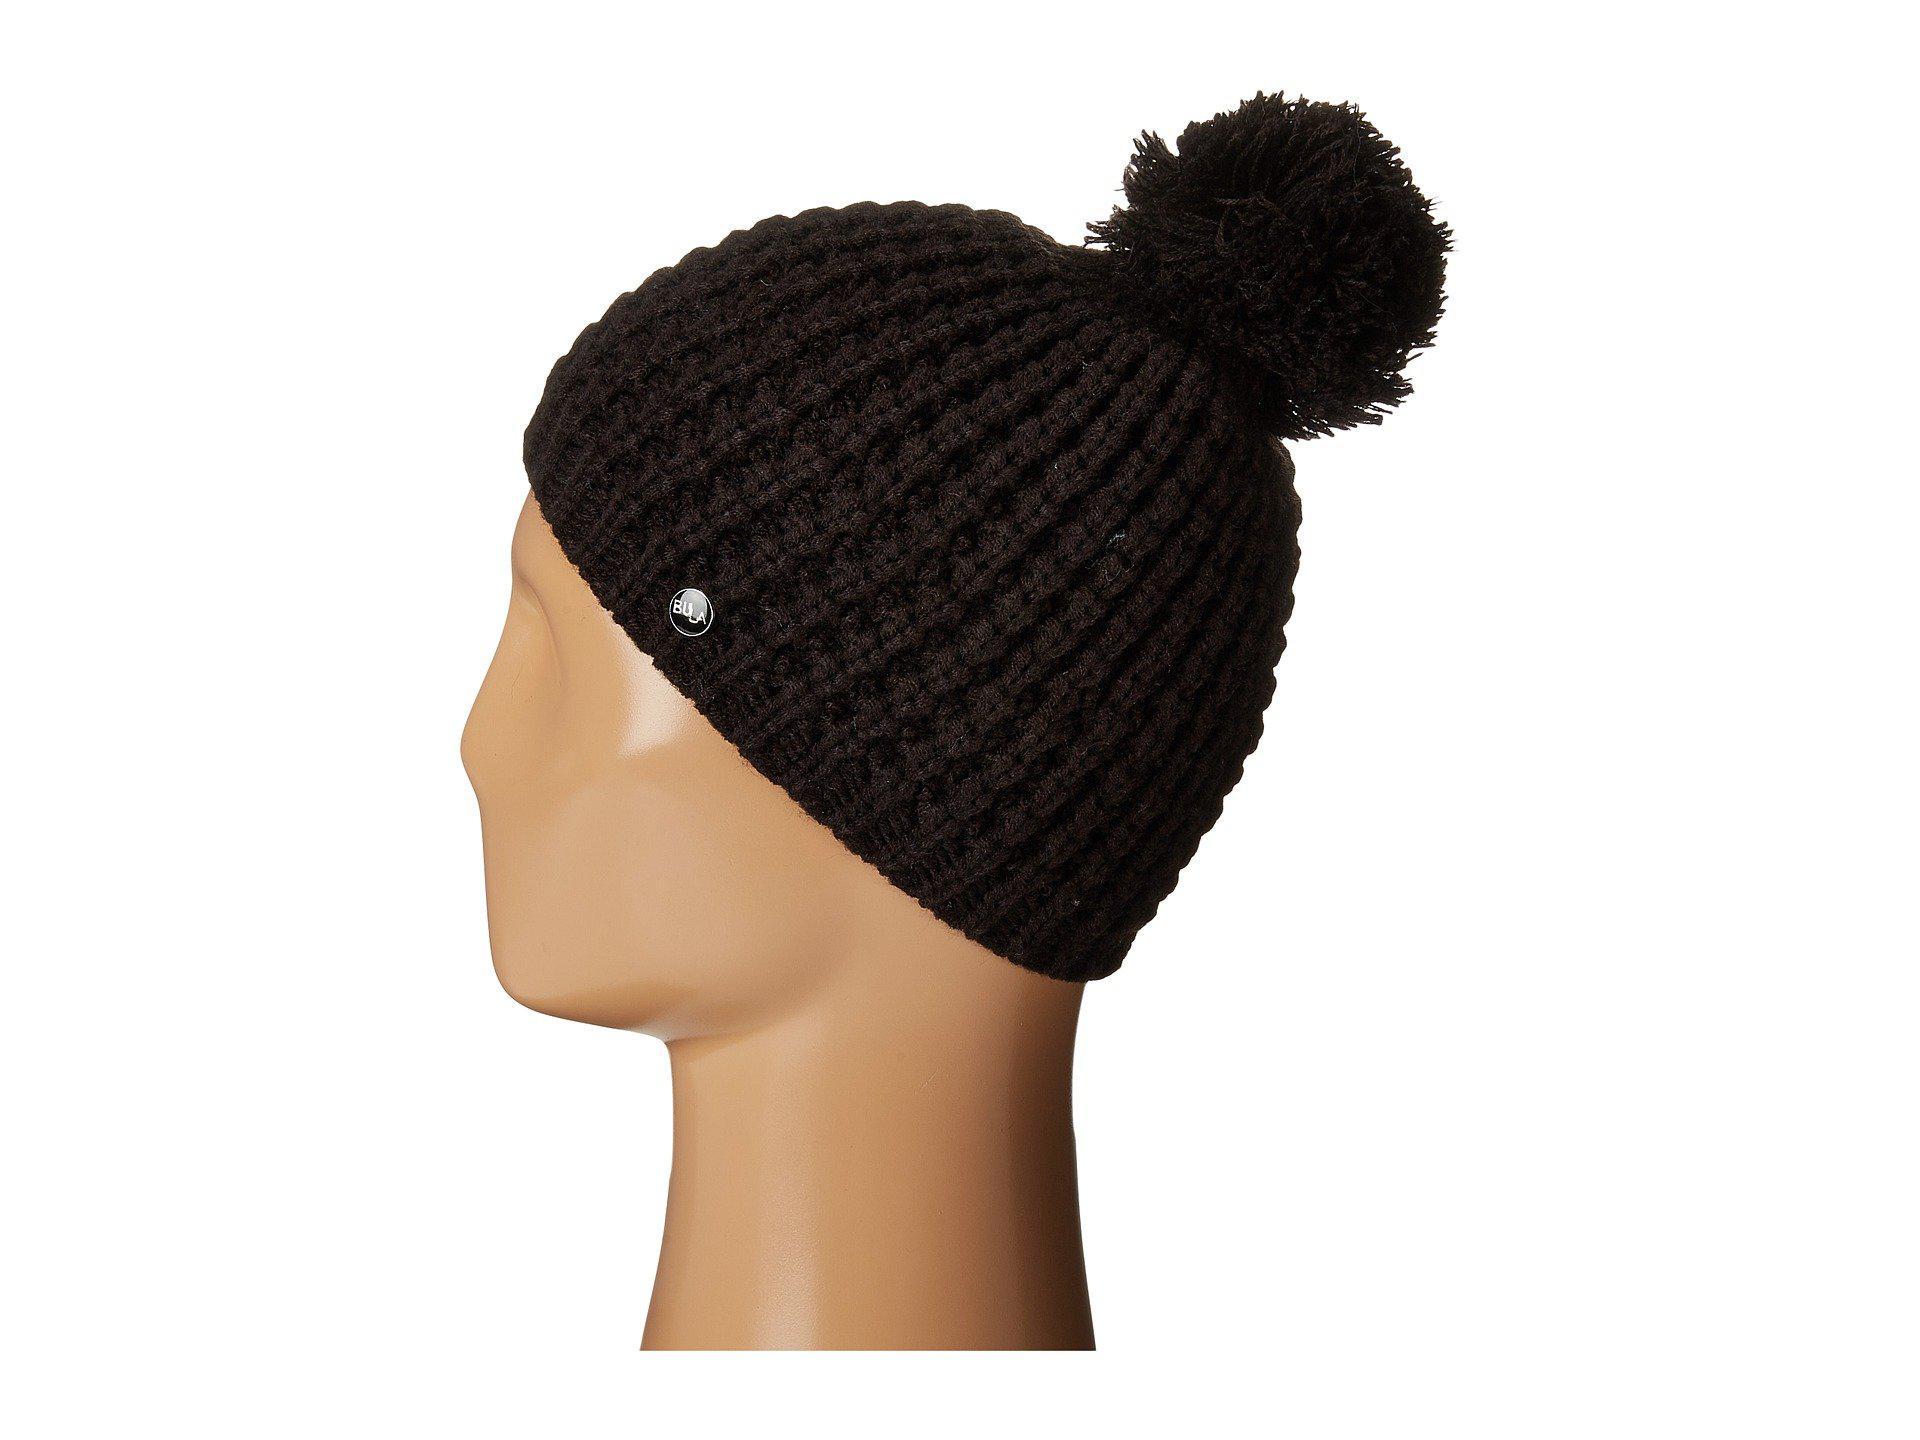 2563a82692736 Lyst - Bula Nicole Beanie (black) Beanies in Black